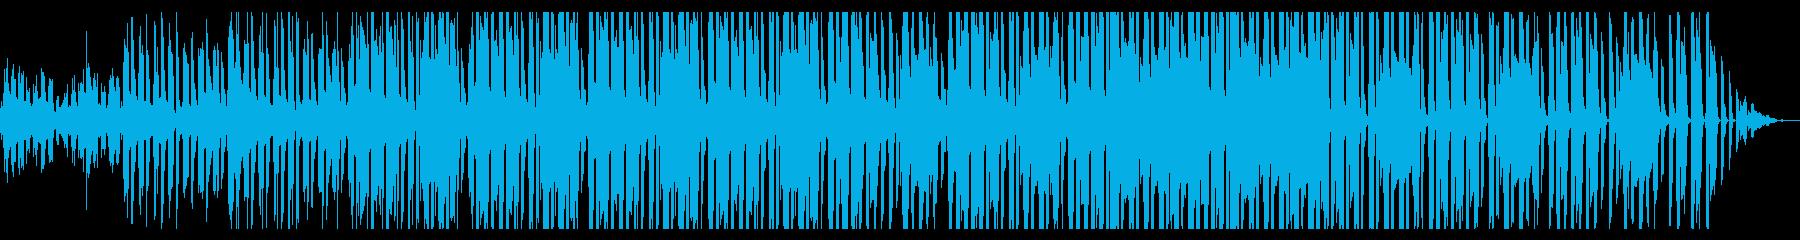 温かみのあるレゲエの再生済みの波形